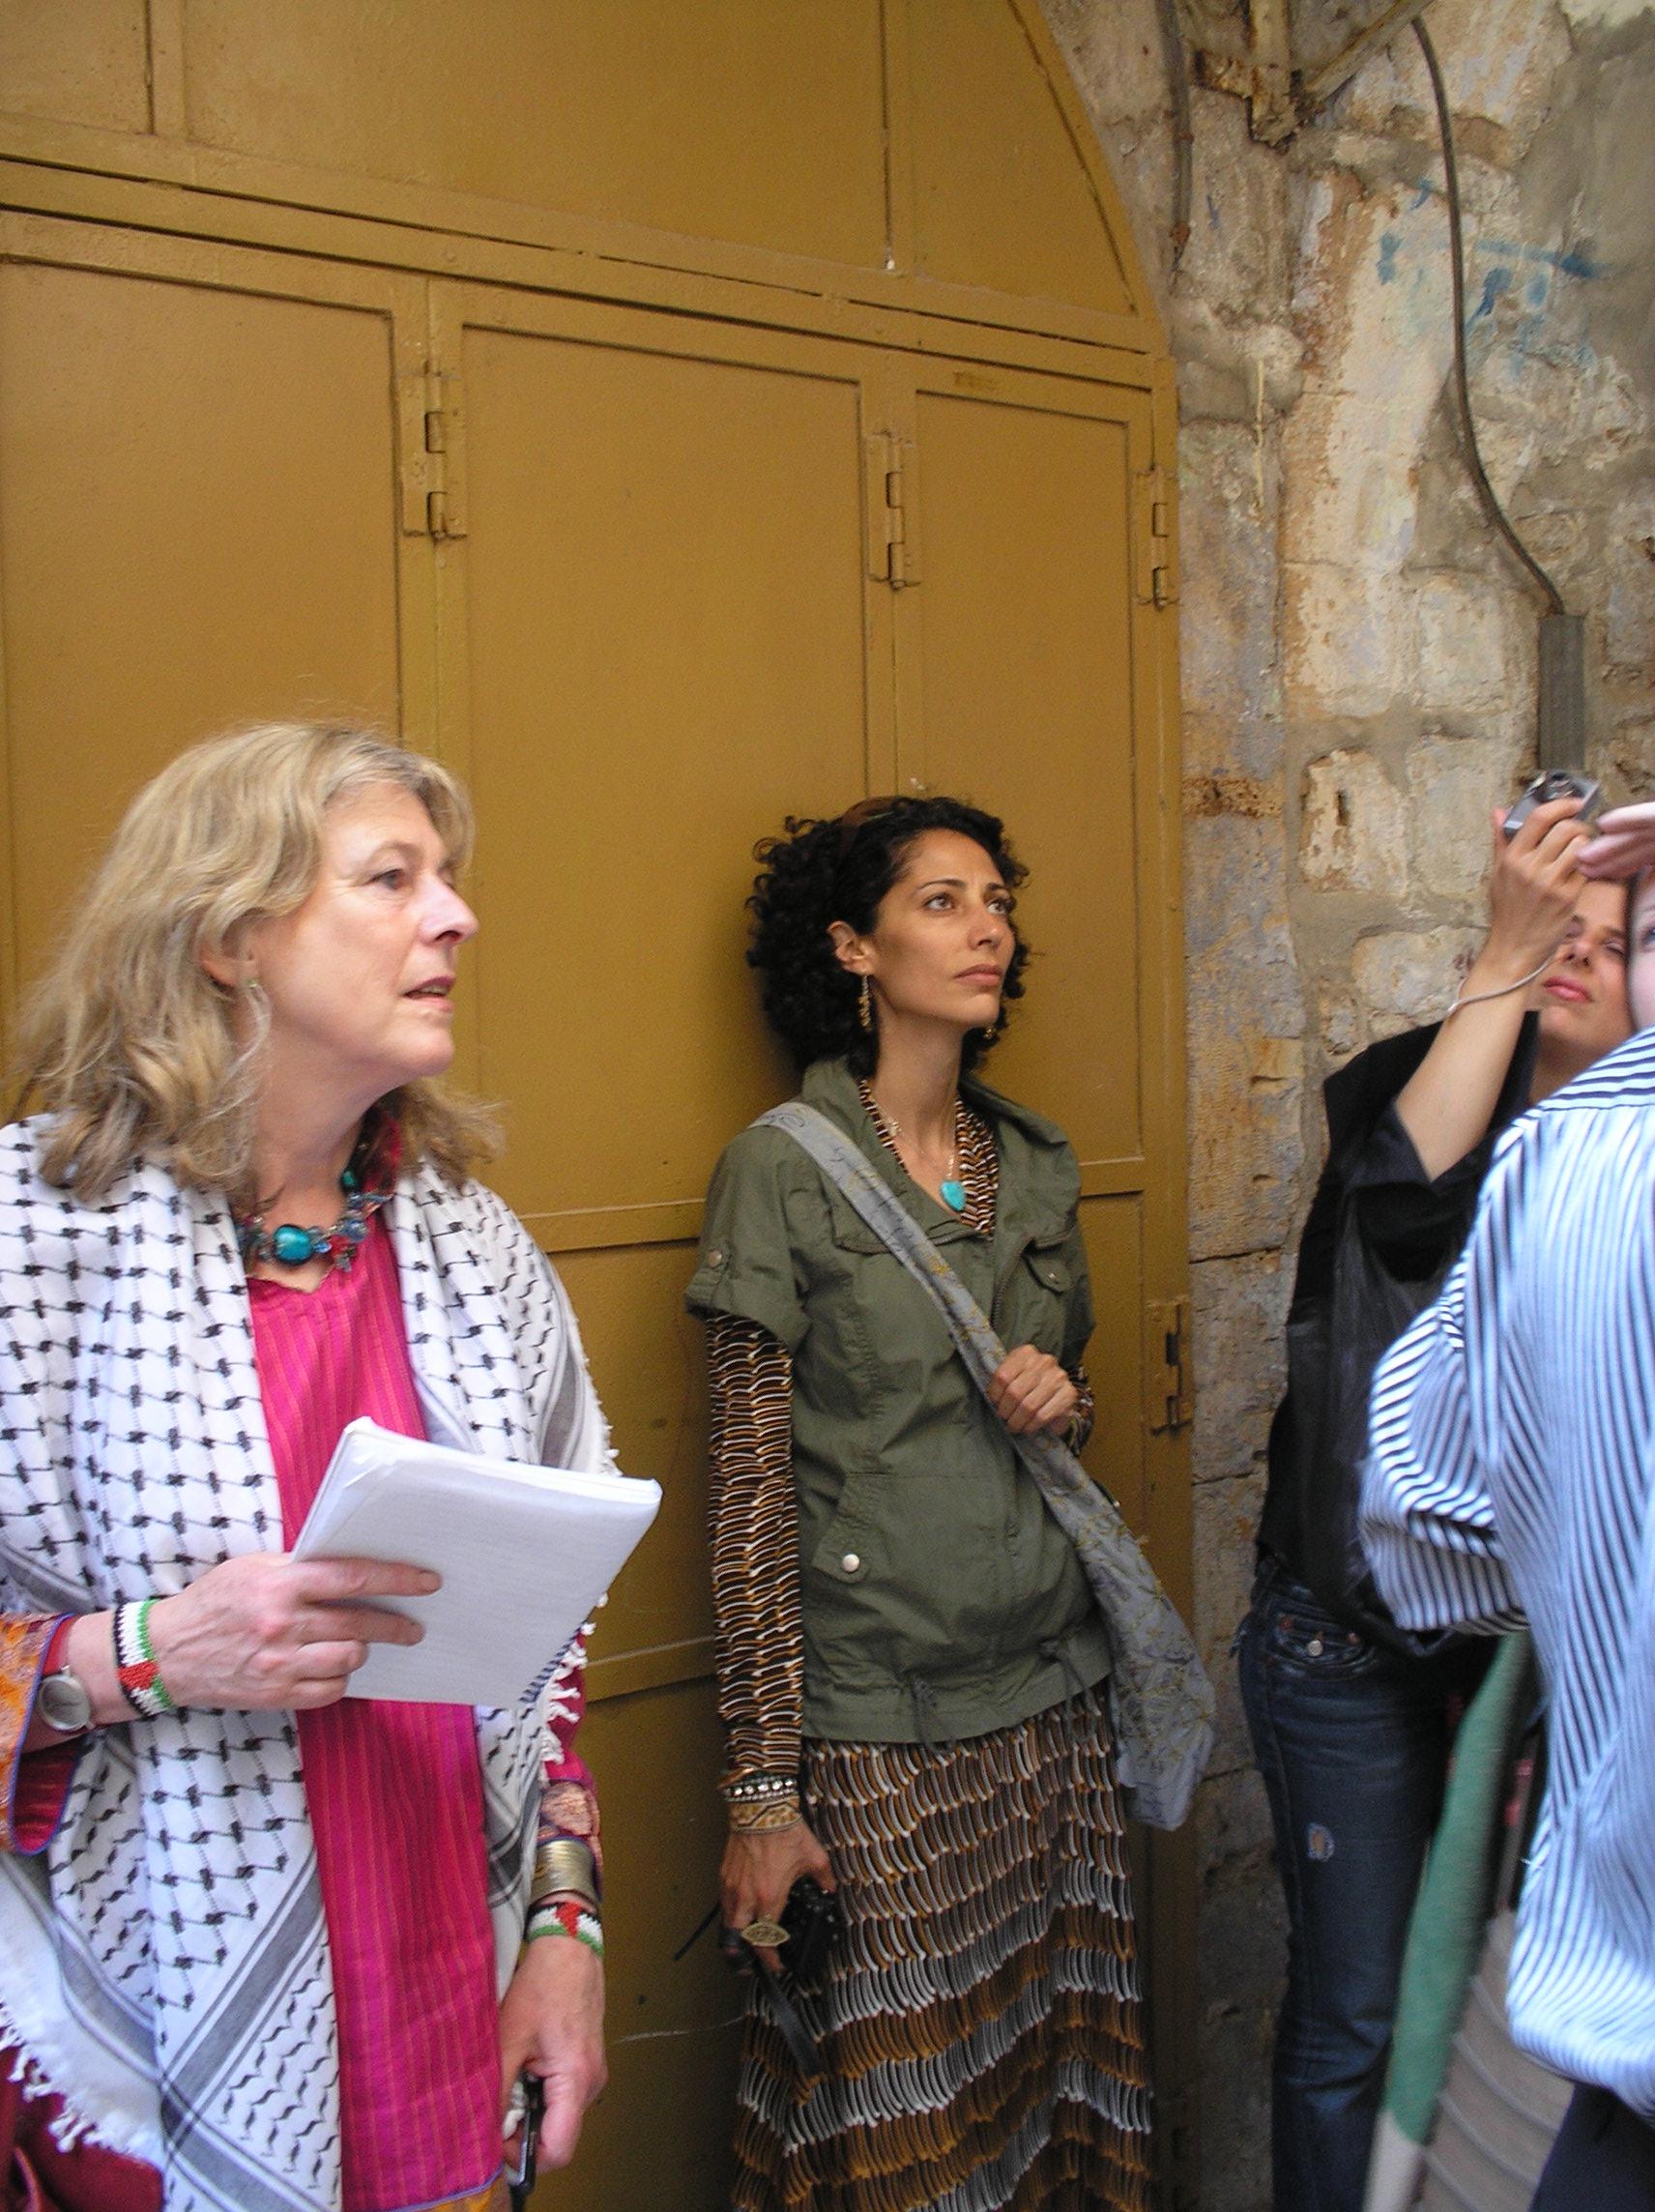 Debborah Moggach and Suheir Hammad respond to conditions in Hebron/al-Khalil